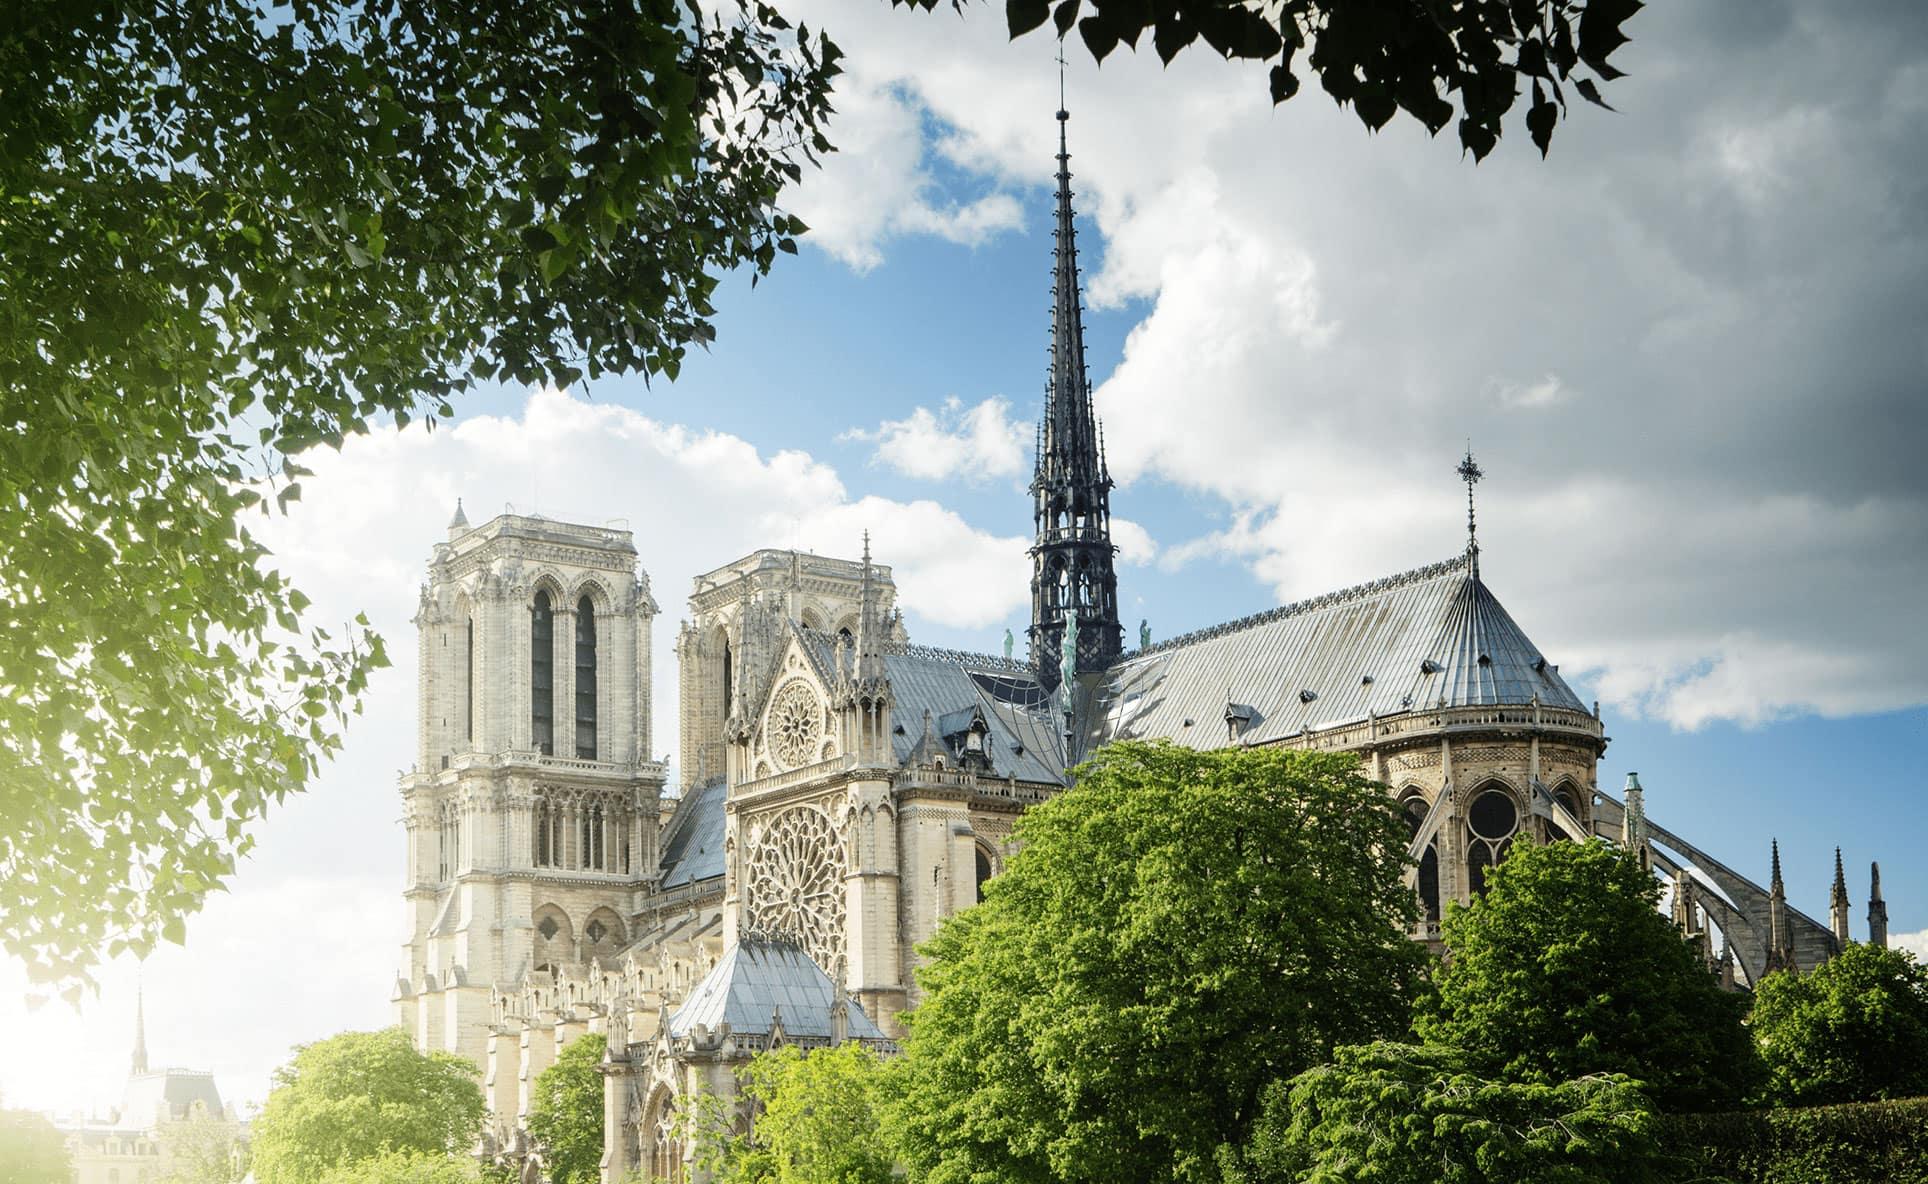 巴黎圣母院屋顶设计大赛中国建筑师夺冠!喷泉、万花筒、绿植.....更多奇妙设计长这样